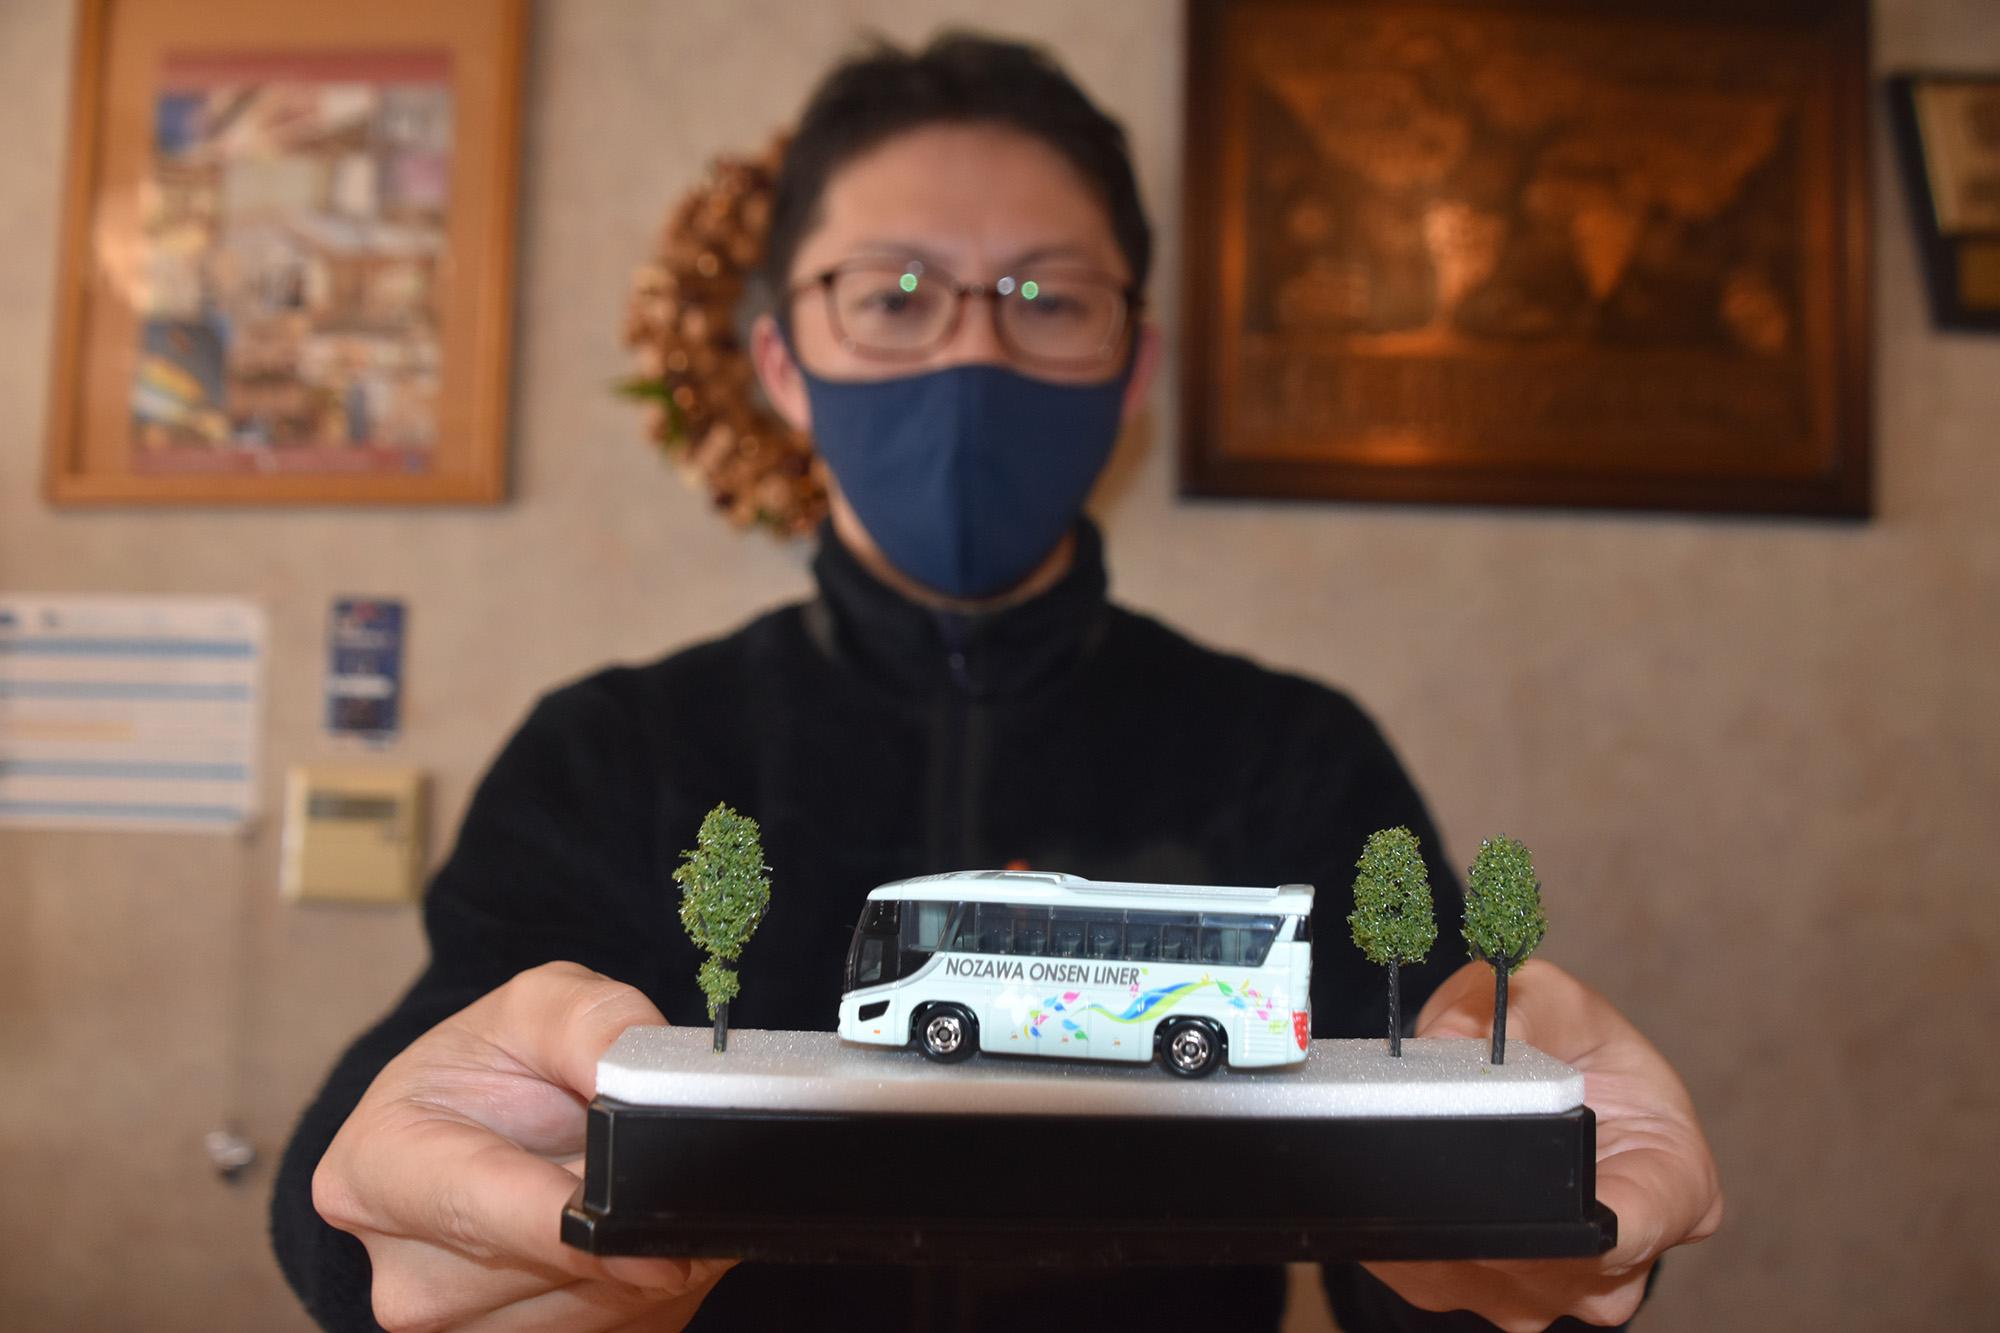 「野沢温泉ライナー」ミニカー 運行5年記念6000個生産